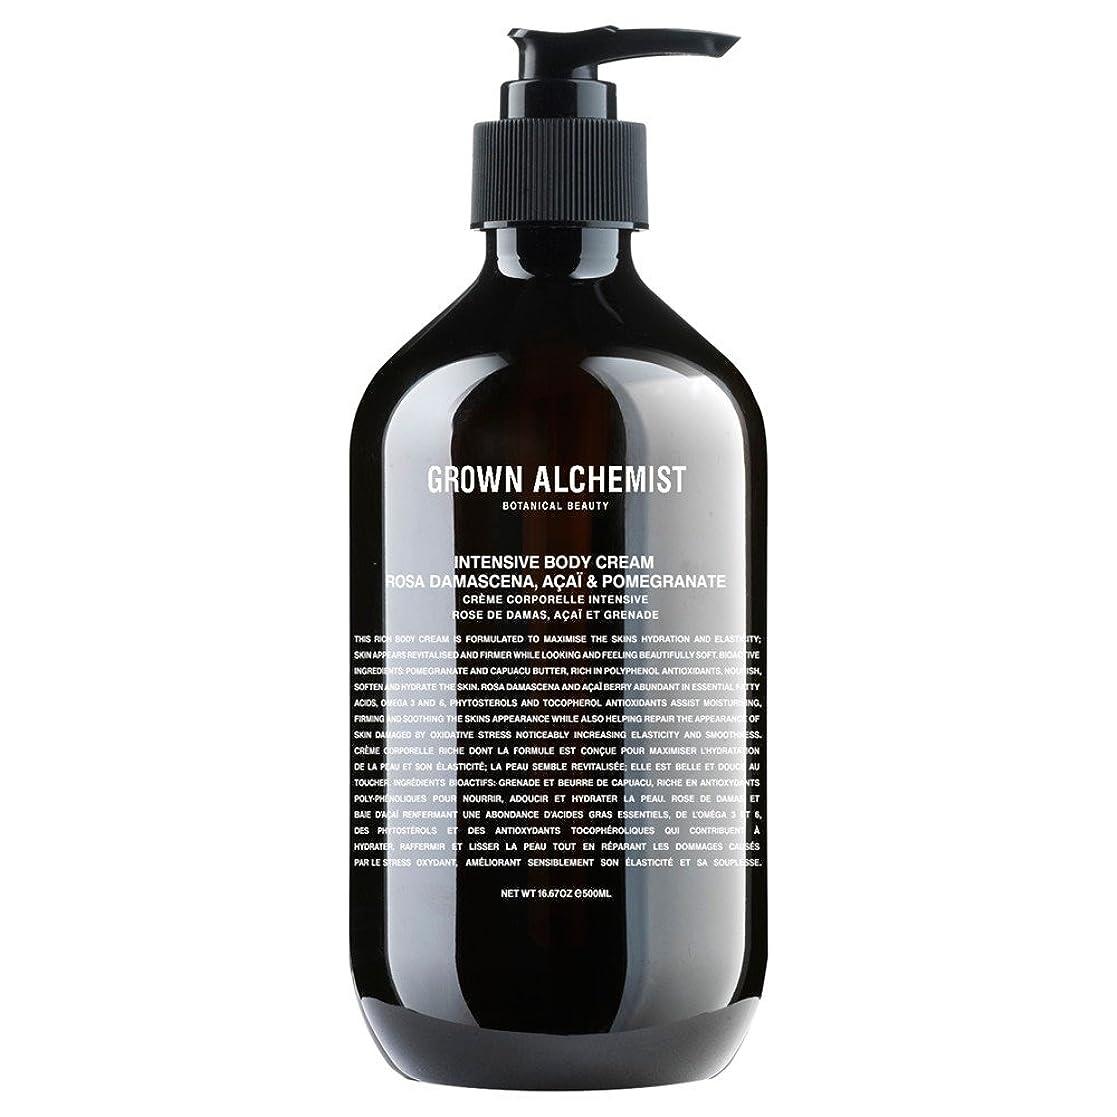 扇動然とした日付錬金術師ローザダーマシーナアサイ成長&集中的なボディクリーム500ミリリットルをザクロ (Grown Alchemist) (x2) - Grown Alchemist Rosa Damascena Acai & Pomegranate Intensive Body Cream 500ml (Pack of 2) [並行輸入品]